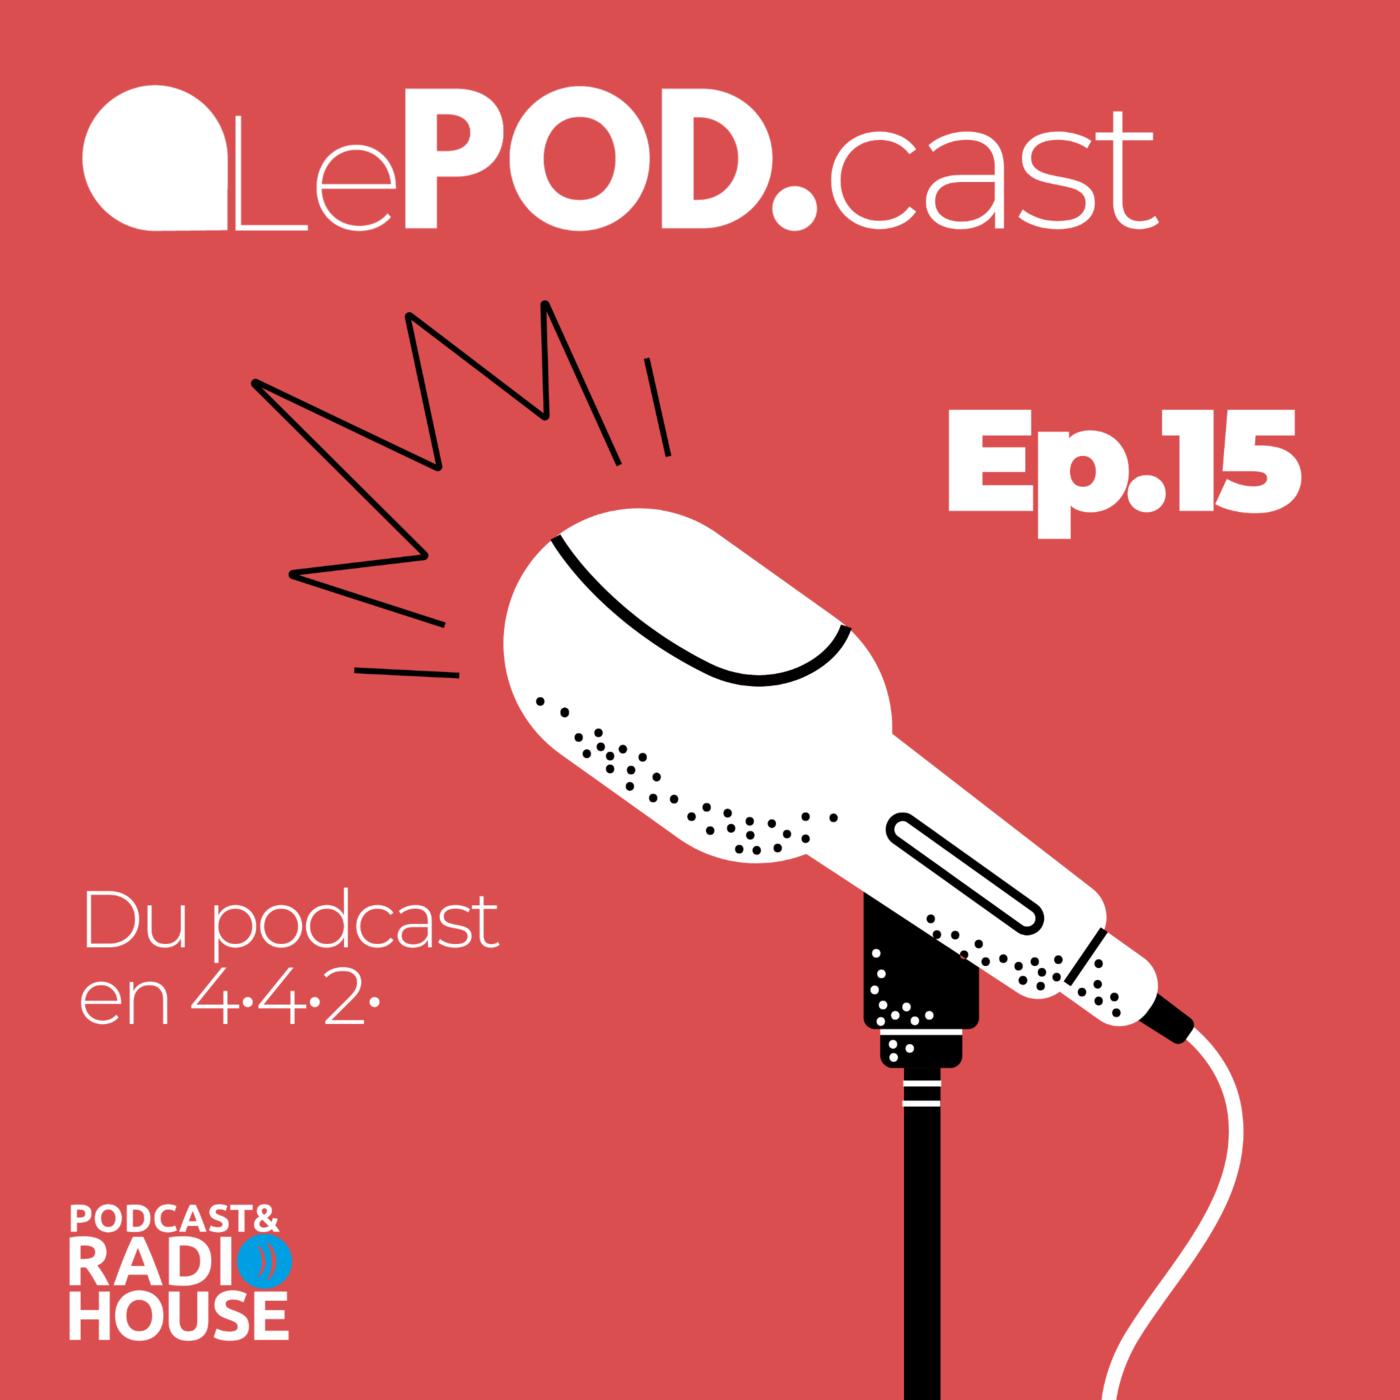 EP.15 - Du podcast en 4 4 2 - Le POD.